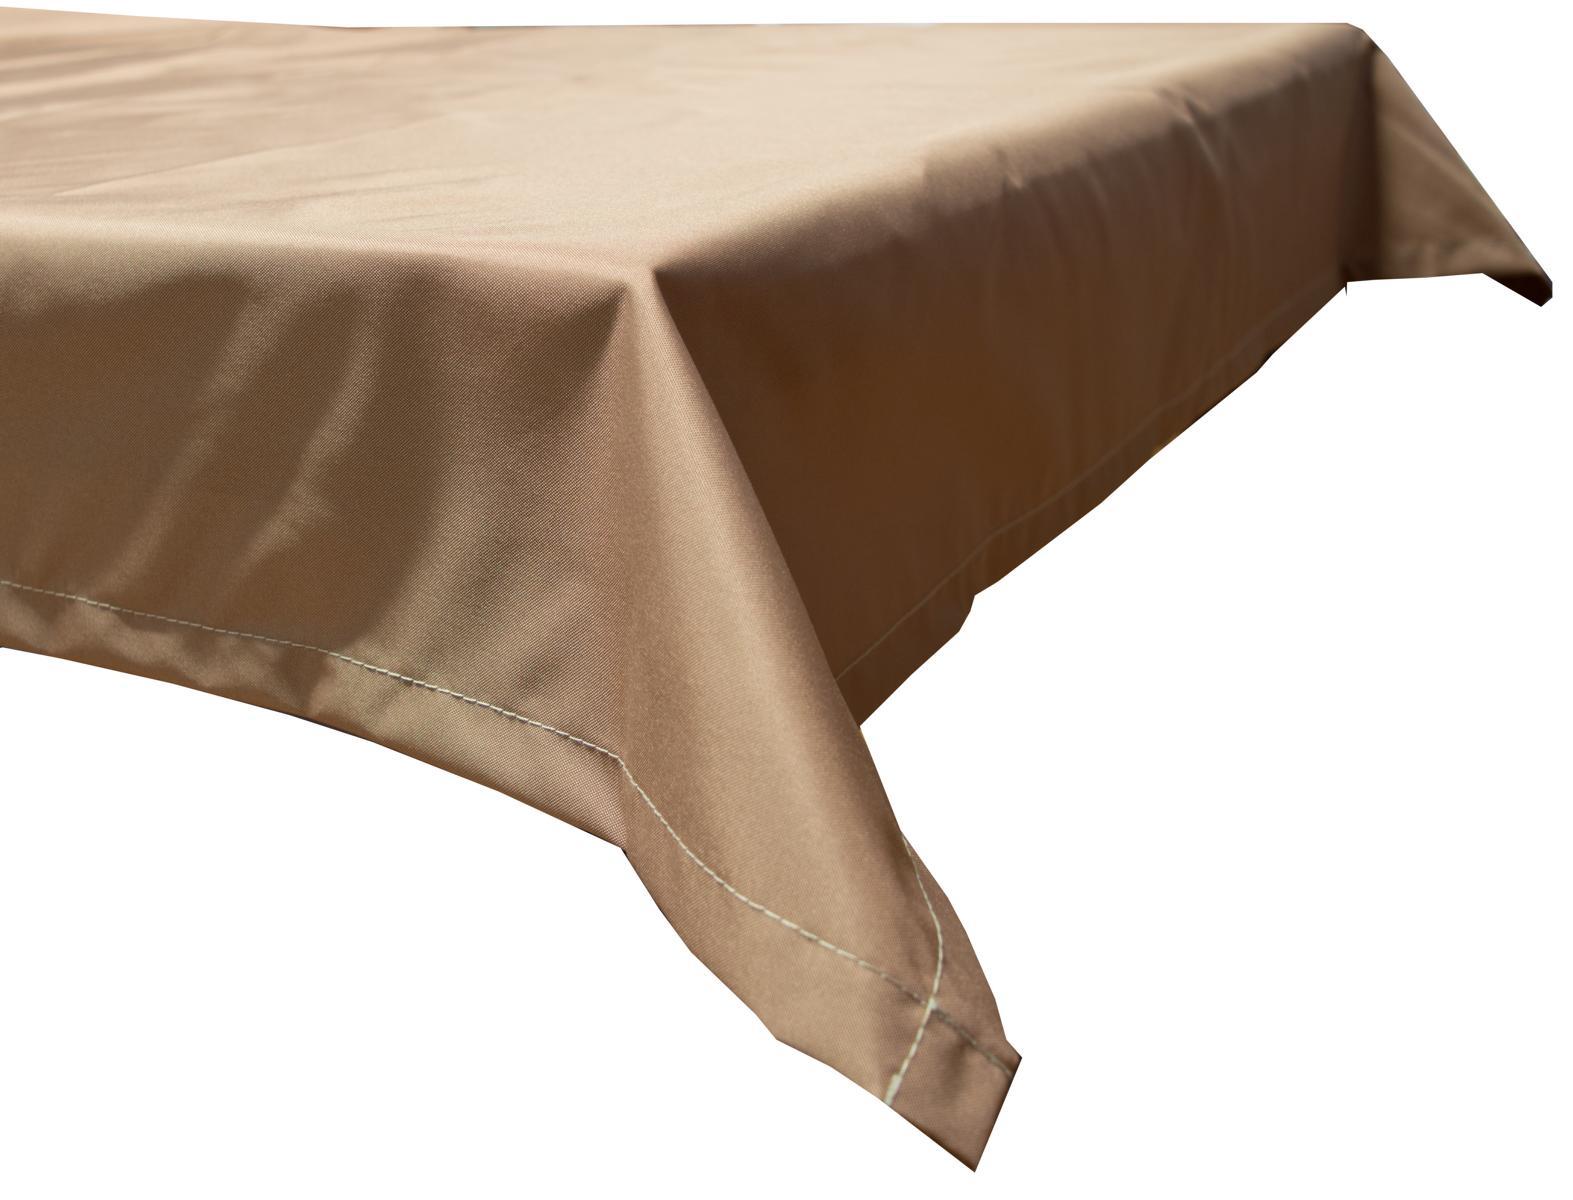 Wasserabweisende Tischdecke 100% Polyester in sand 110x140 cm